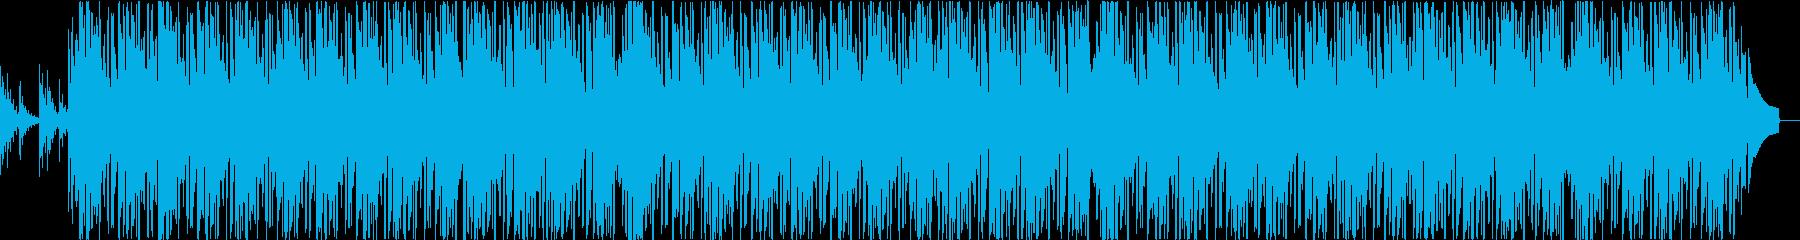 夜に合うジャジーピアノヒップホップビーツの再生済みの波形